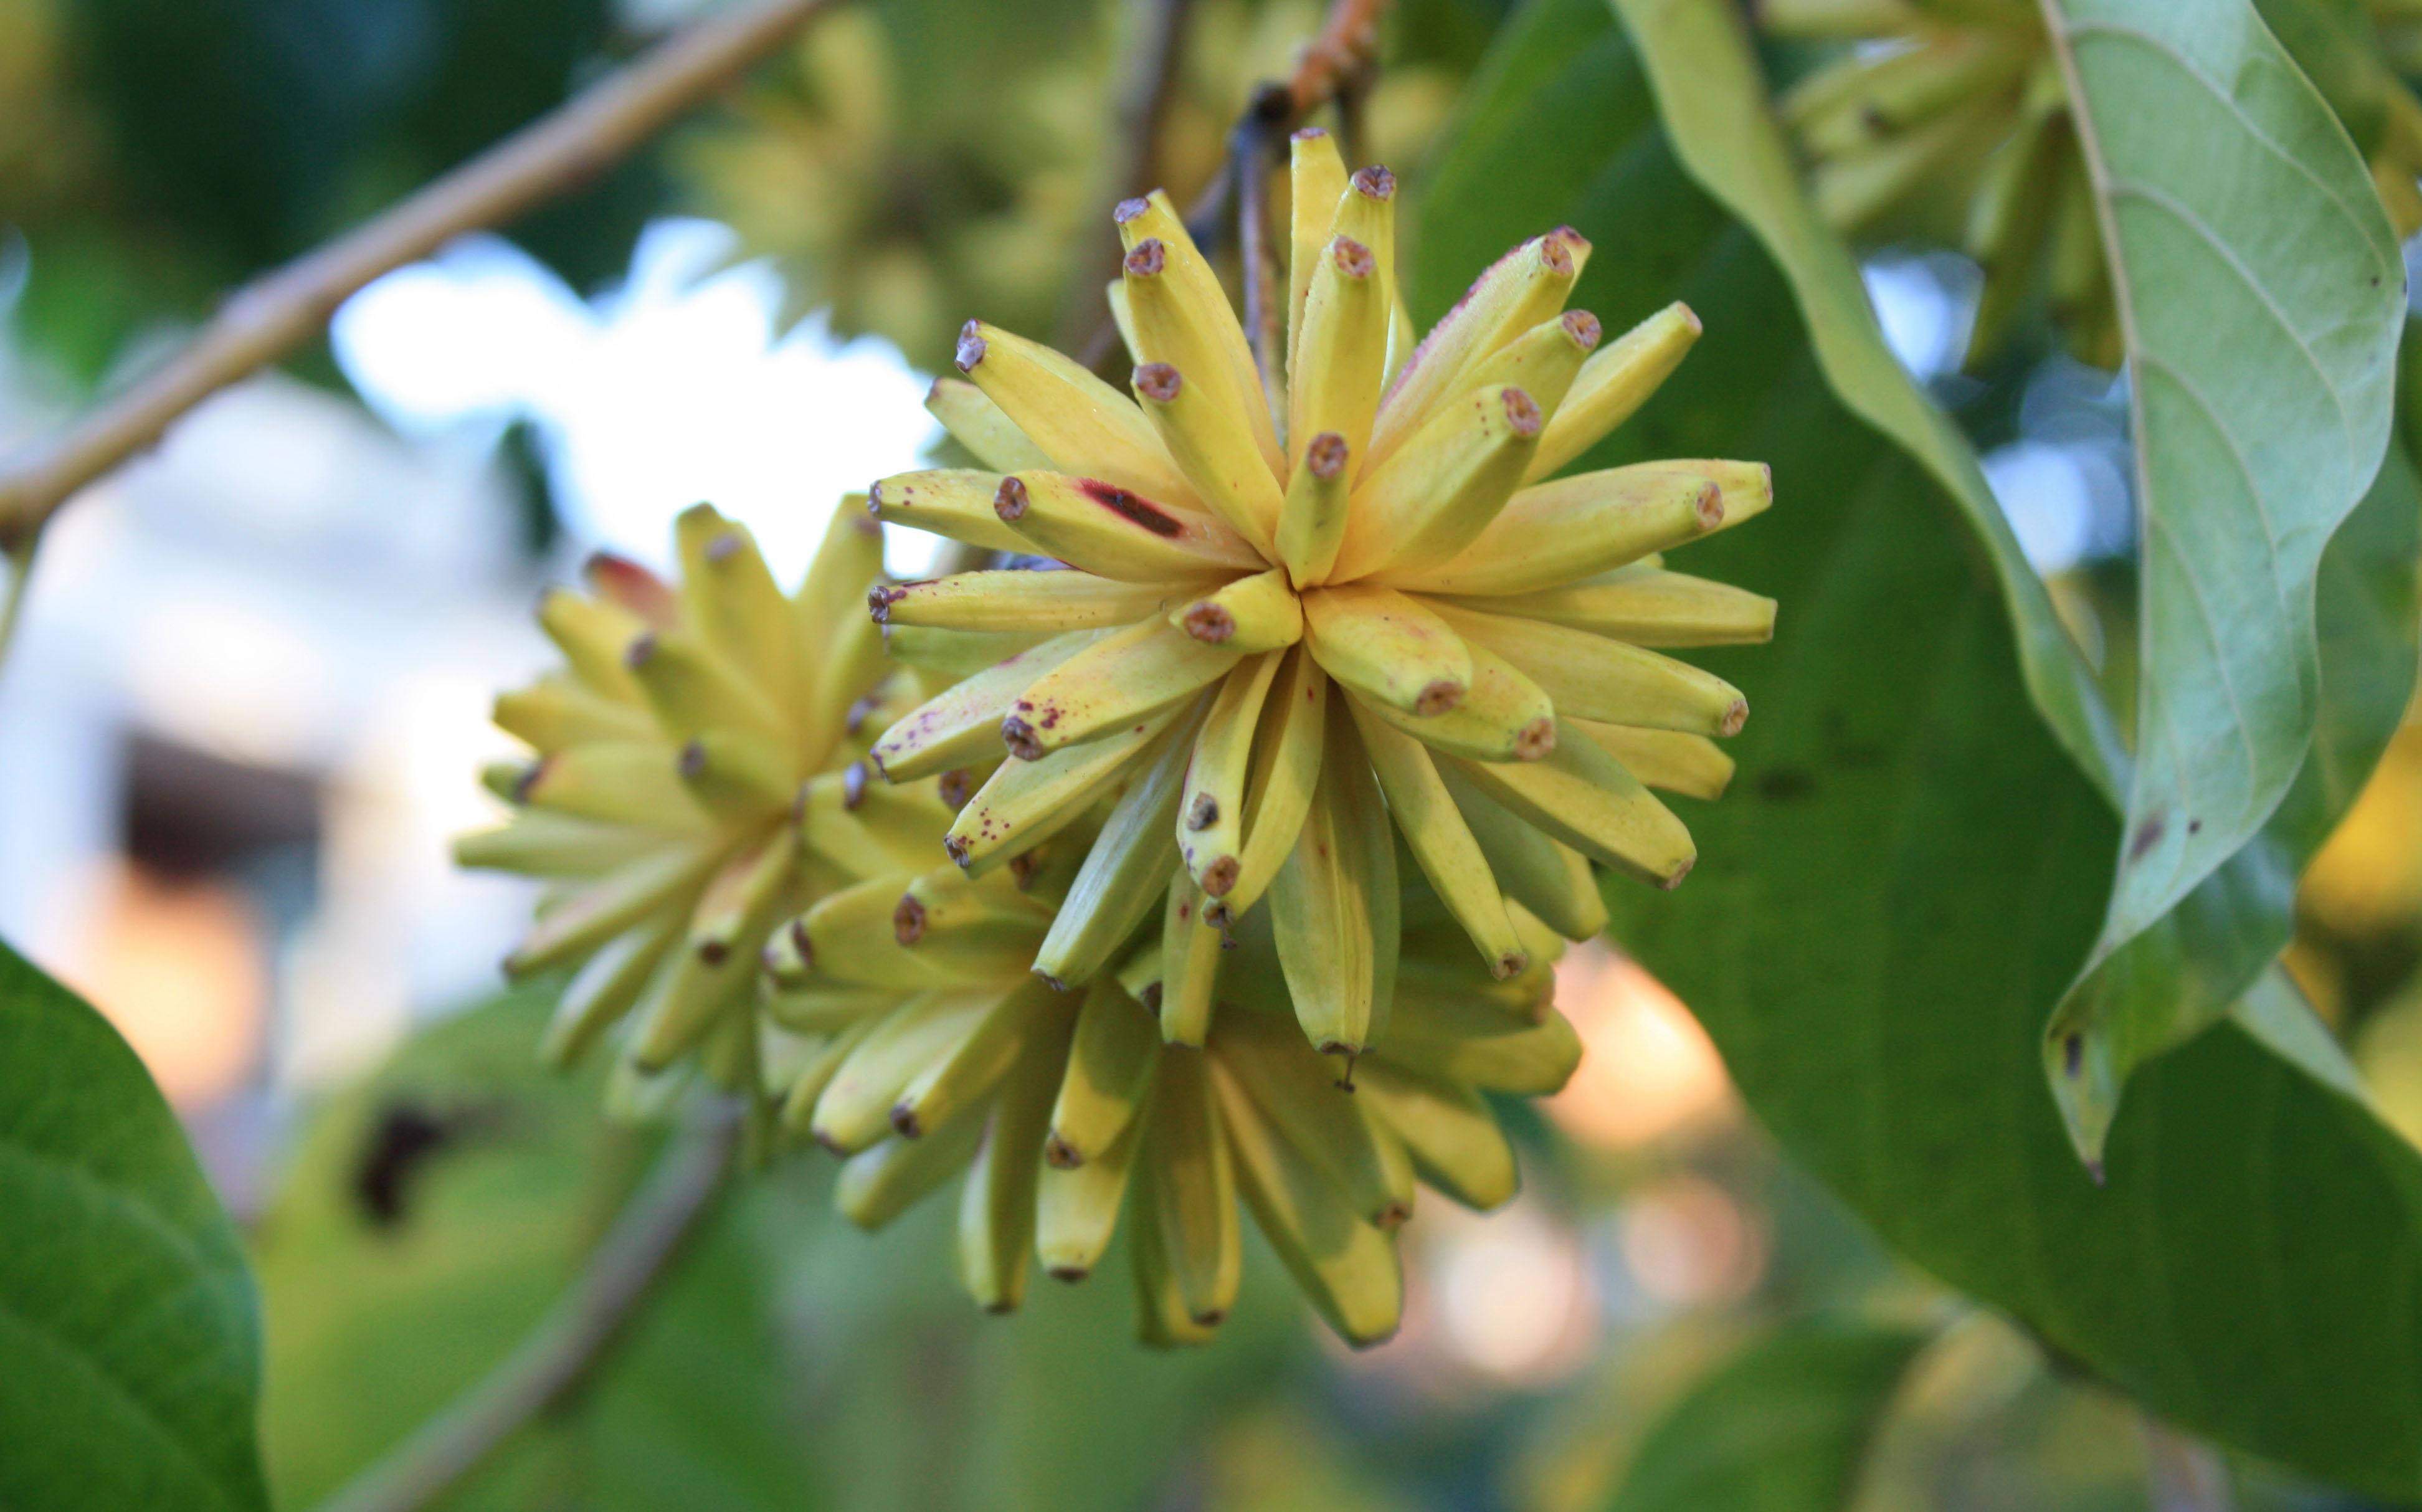 Tree of Life Camptotheca acuminata Xi Shu Happy Tree Cancer Tree Seeds